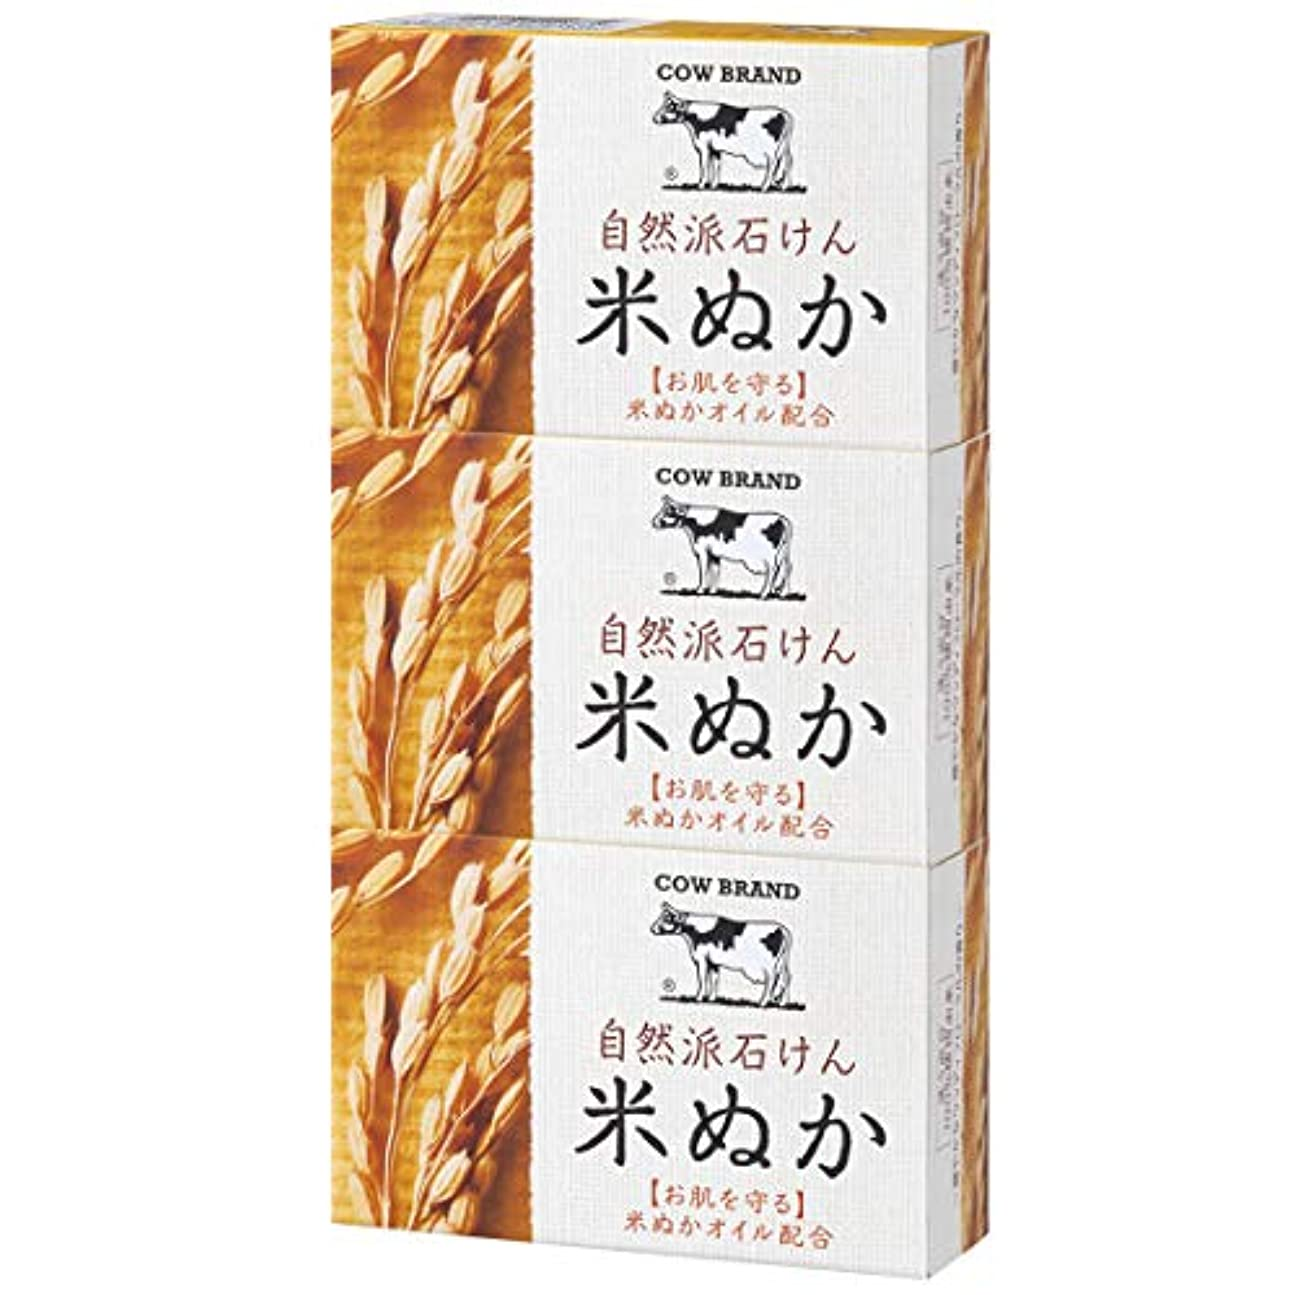 ホーン無意味毎週カウブランド 自然派石けん 米ぬか 100g*3個